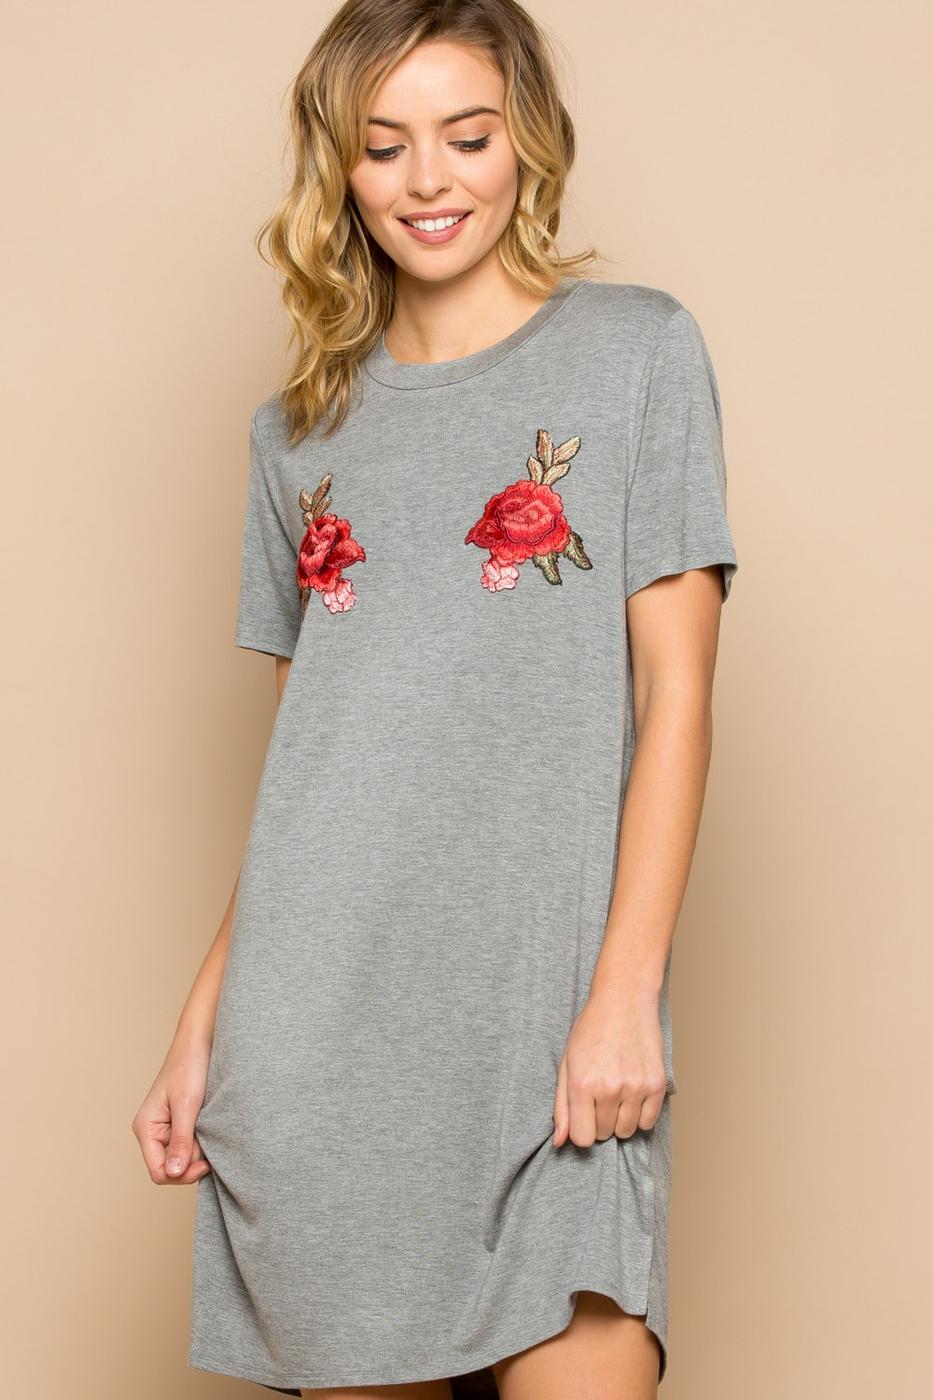 b0f41eaa11ab Wholesale Womens T Shirt Dresses | RLDM